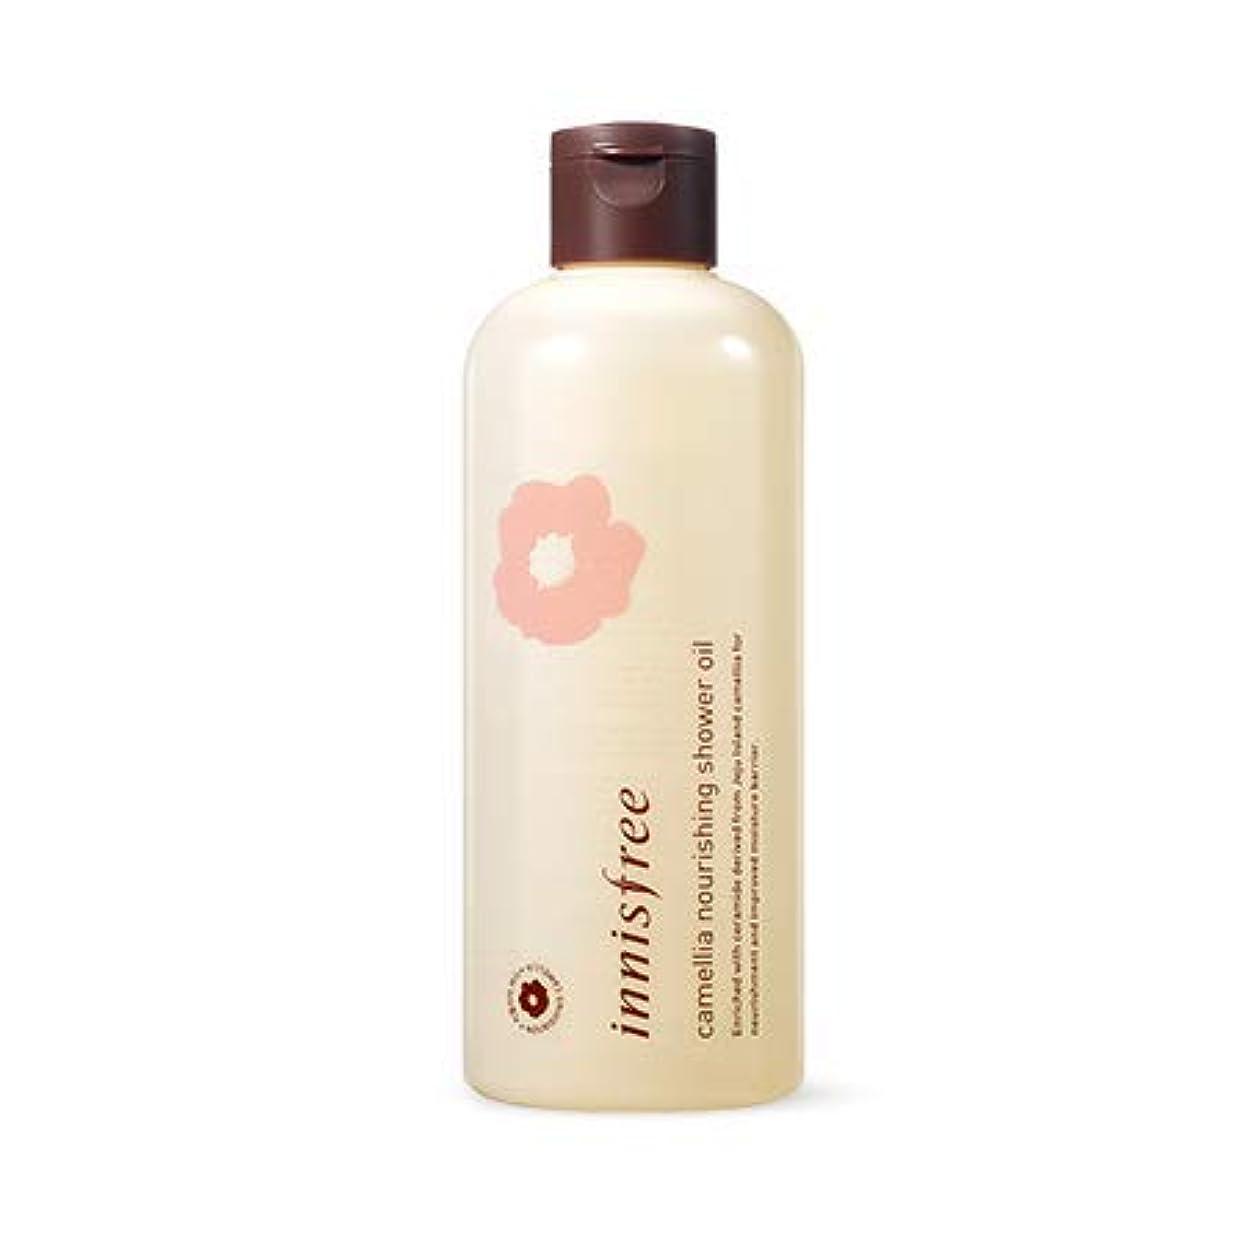 出会い防ぐ犯罪[イニスフリー.innisfree]カメリアナリーシンシャワーオイル300mL(2019 new)/ Camellia Nourishing Shower Oil